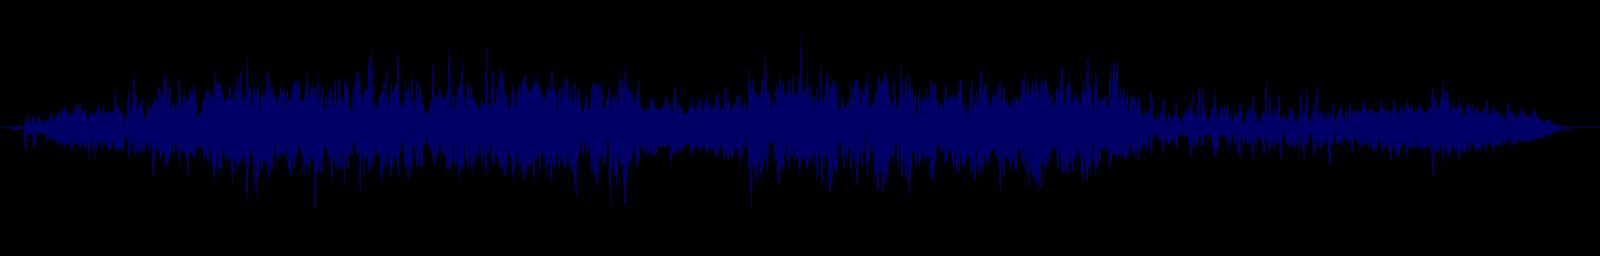 waveform of track #109470